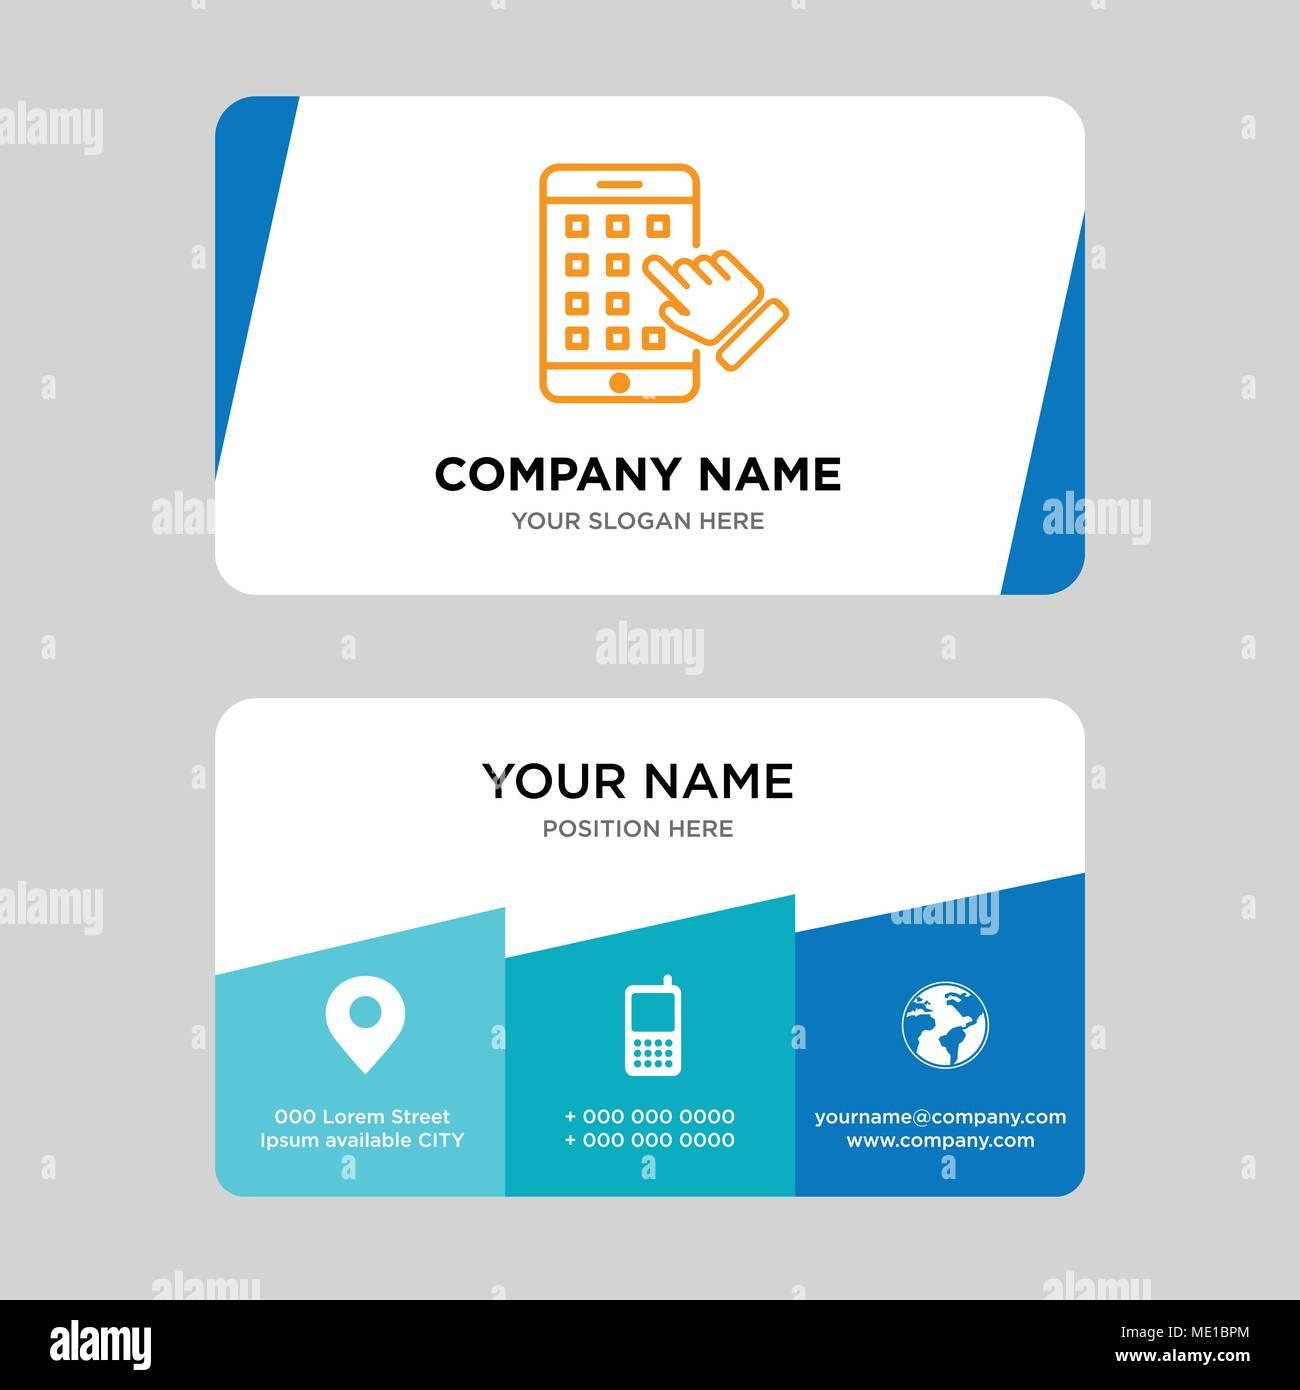 Modle De Conception Carte Daffaires Liphone En Visite Pour Votre Entreprise Crative Et Moderne Didentit Propre Vector Illustration